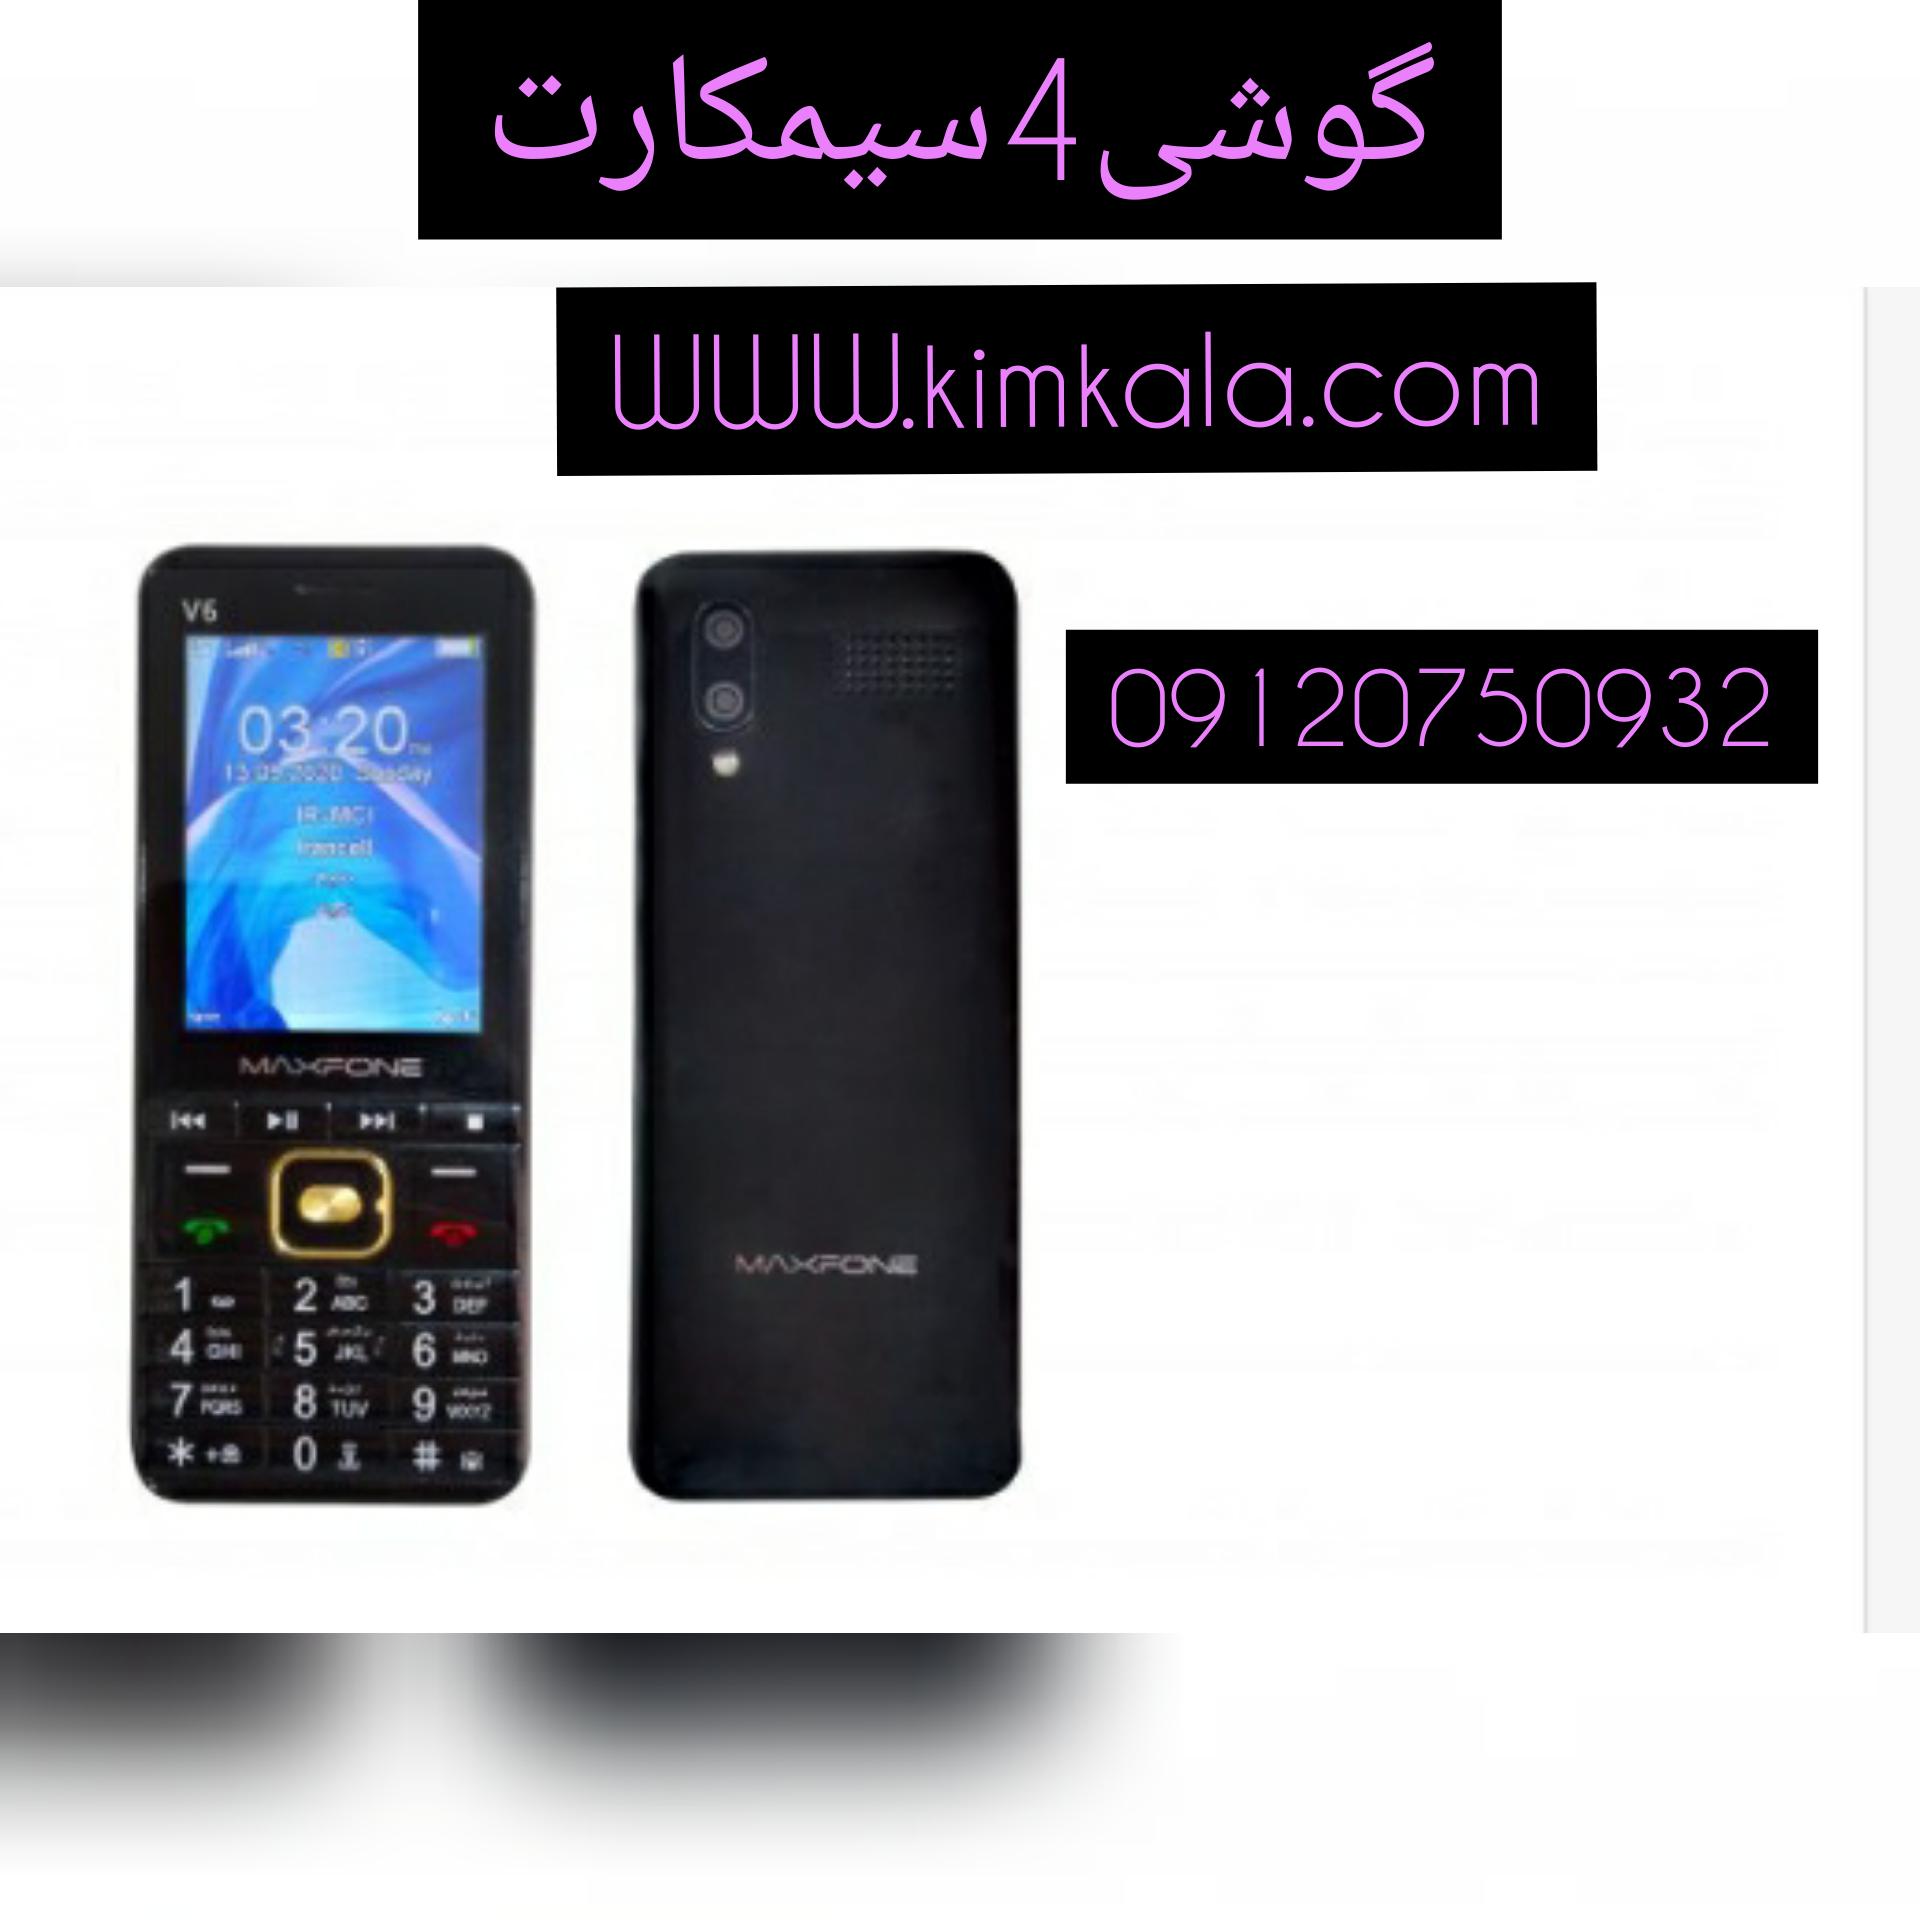 گوشی4سیمکارت/09120750932/بهترین گوشی